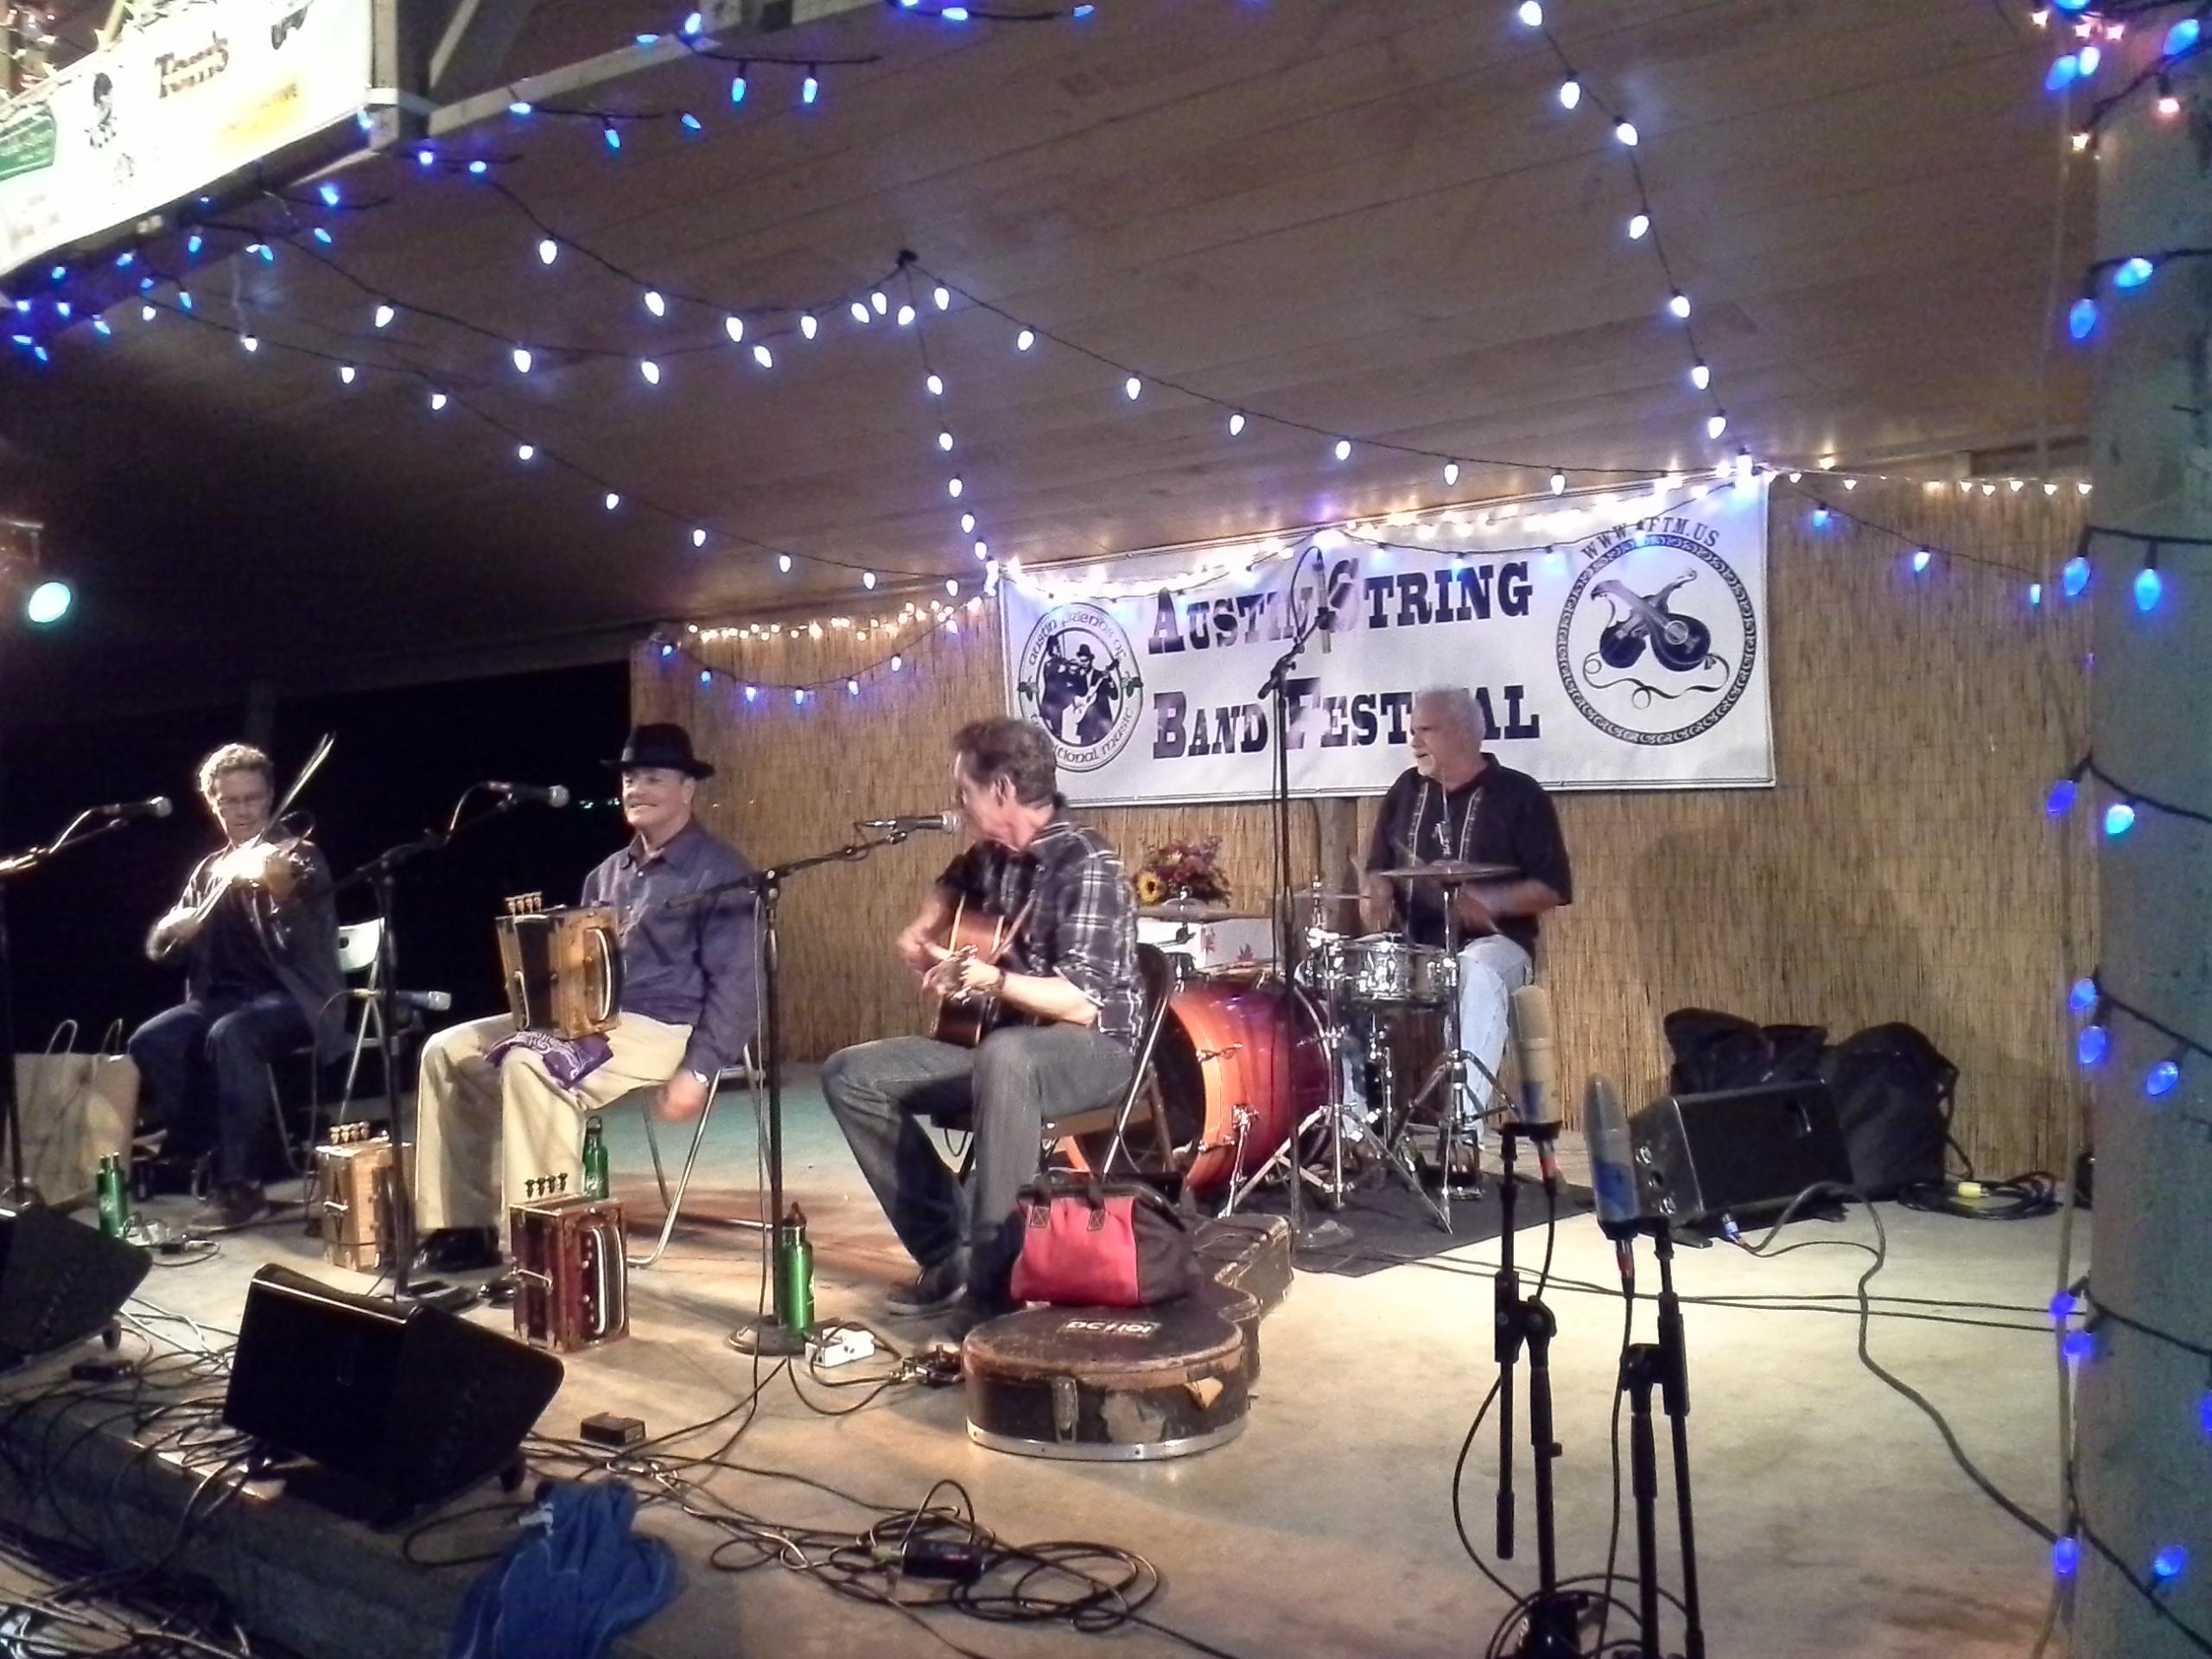 Austin string Band Fest 2013